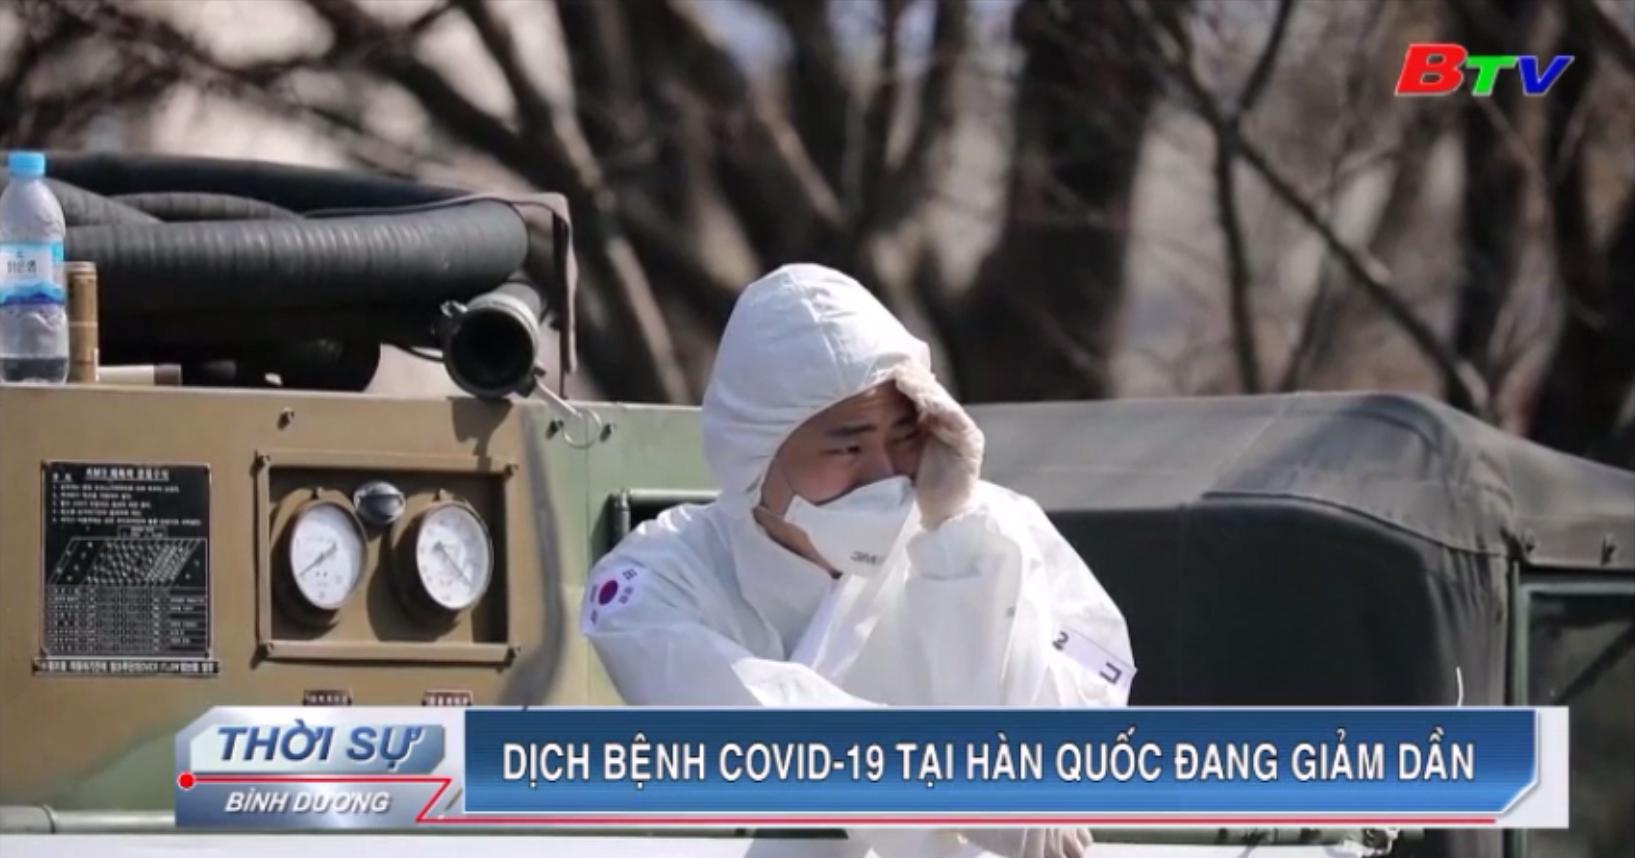 Dịch bệnh Covid-19 tại Hàn Quốc đang giảm dần